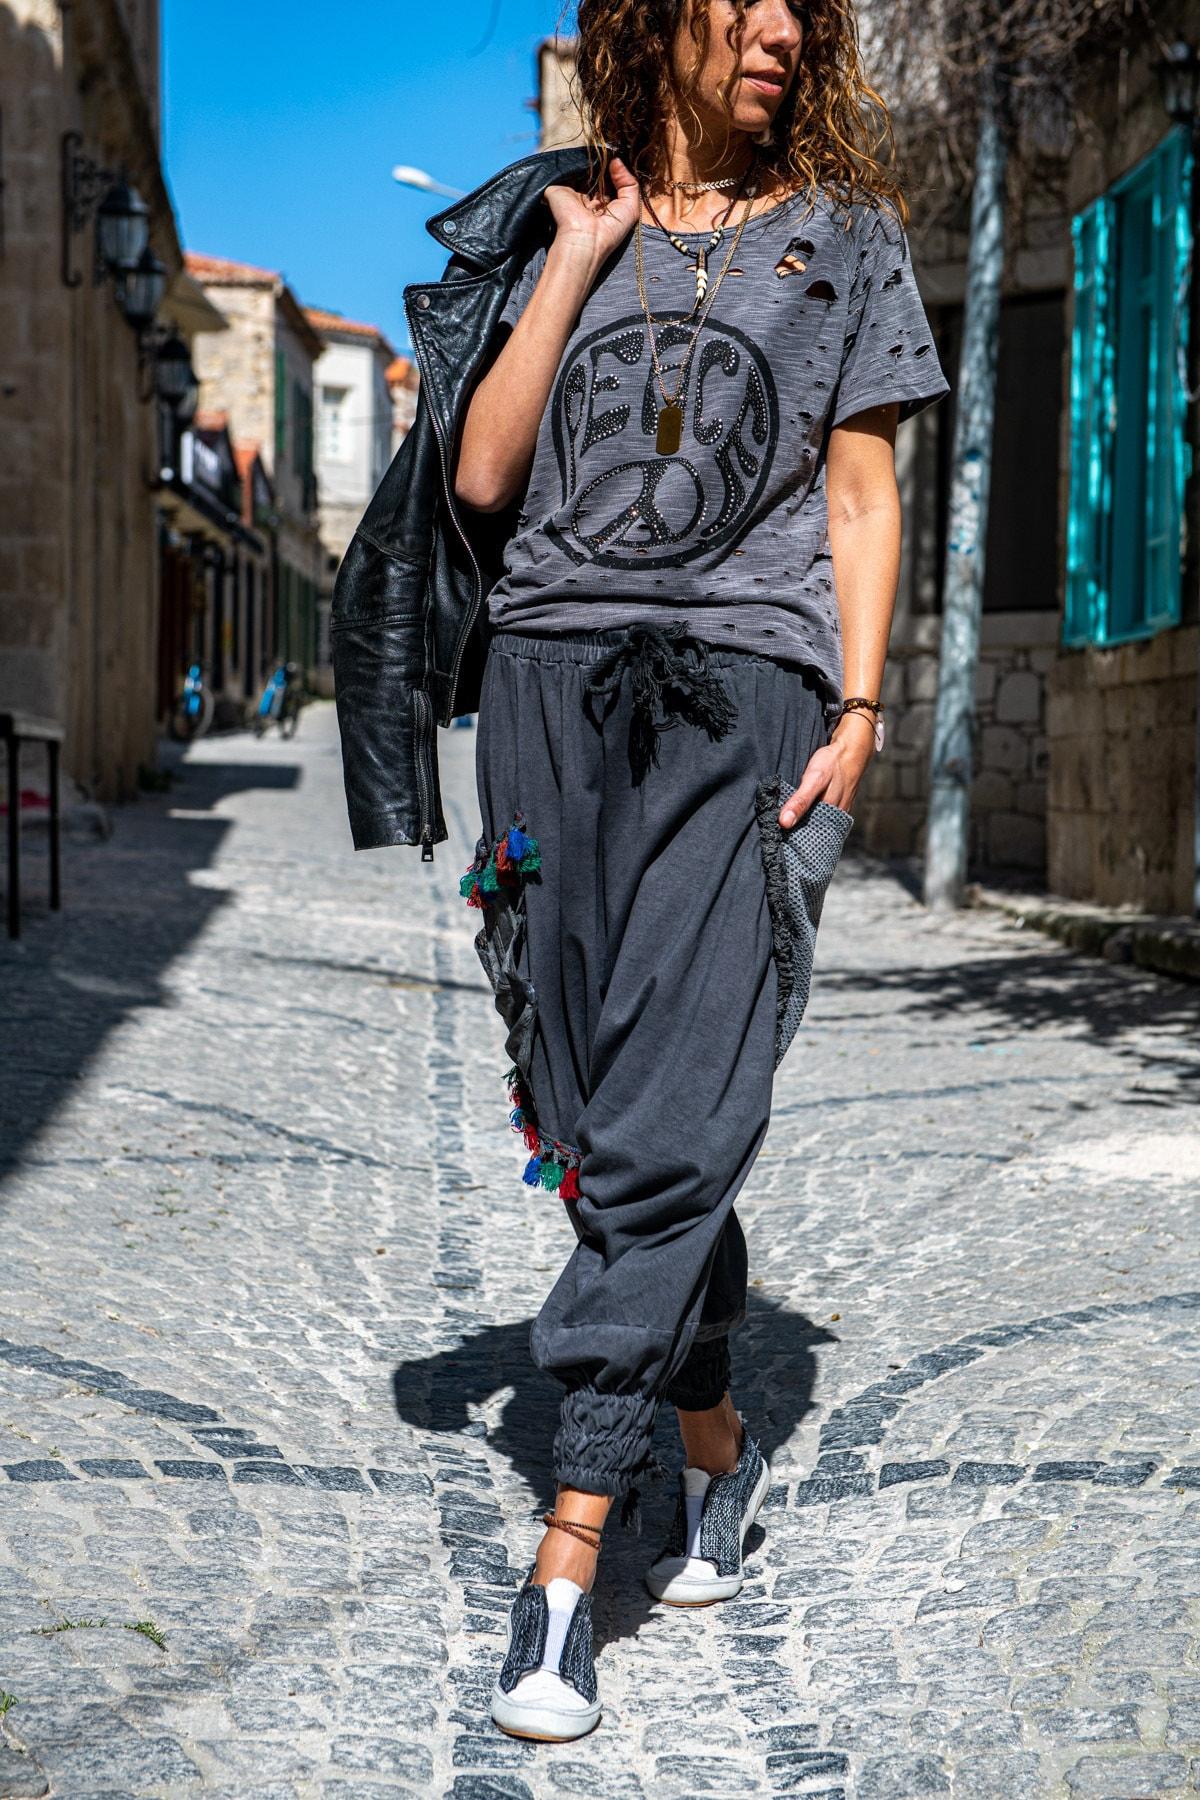 Güneşkızı Kadın Antrasit Yıkamalı Paçası Bağlamalı Püsküllü Salaş Şalvar Pantolon GK-RSD2032 2